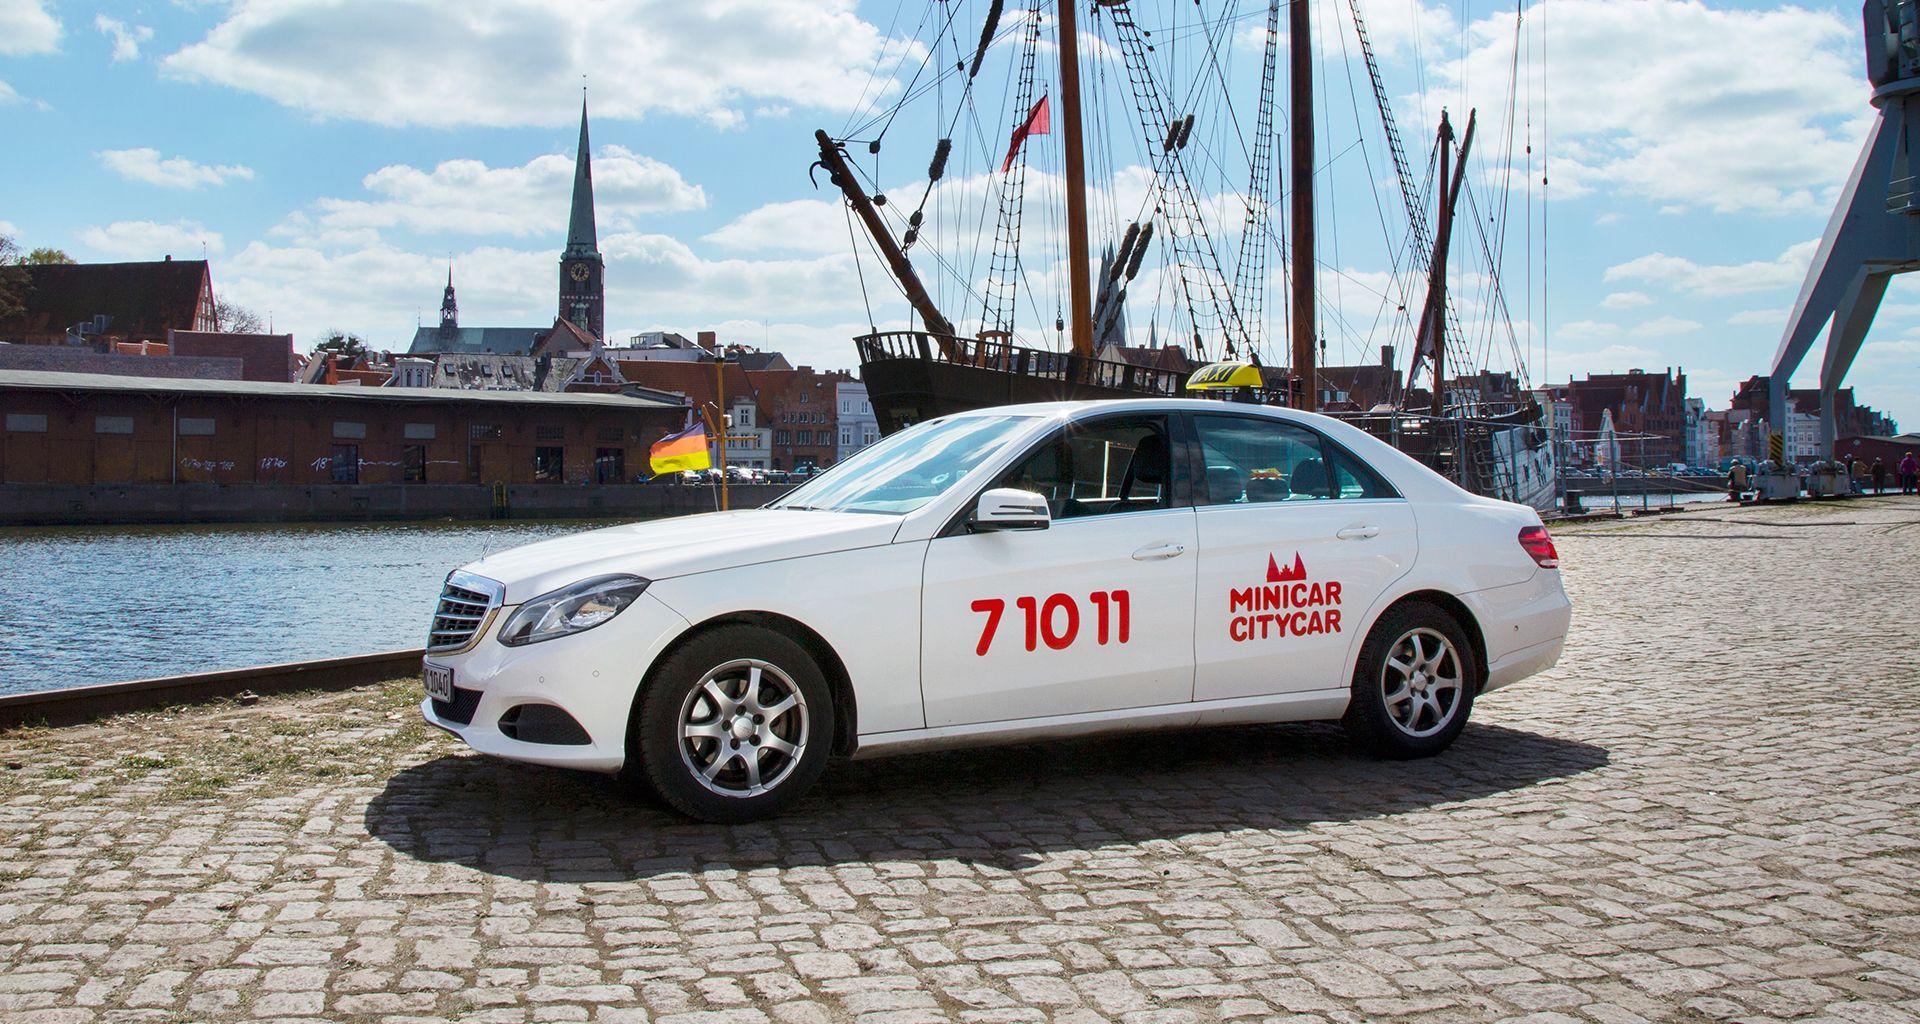 minicar_luebeck_taxi_untertrave